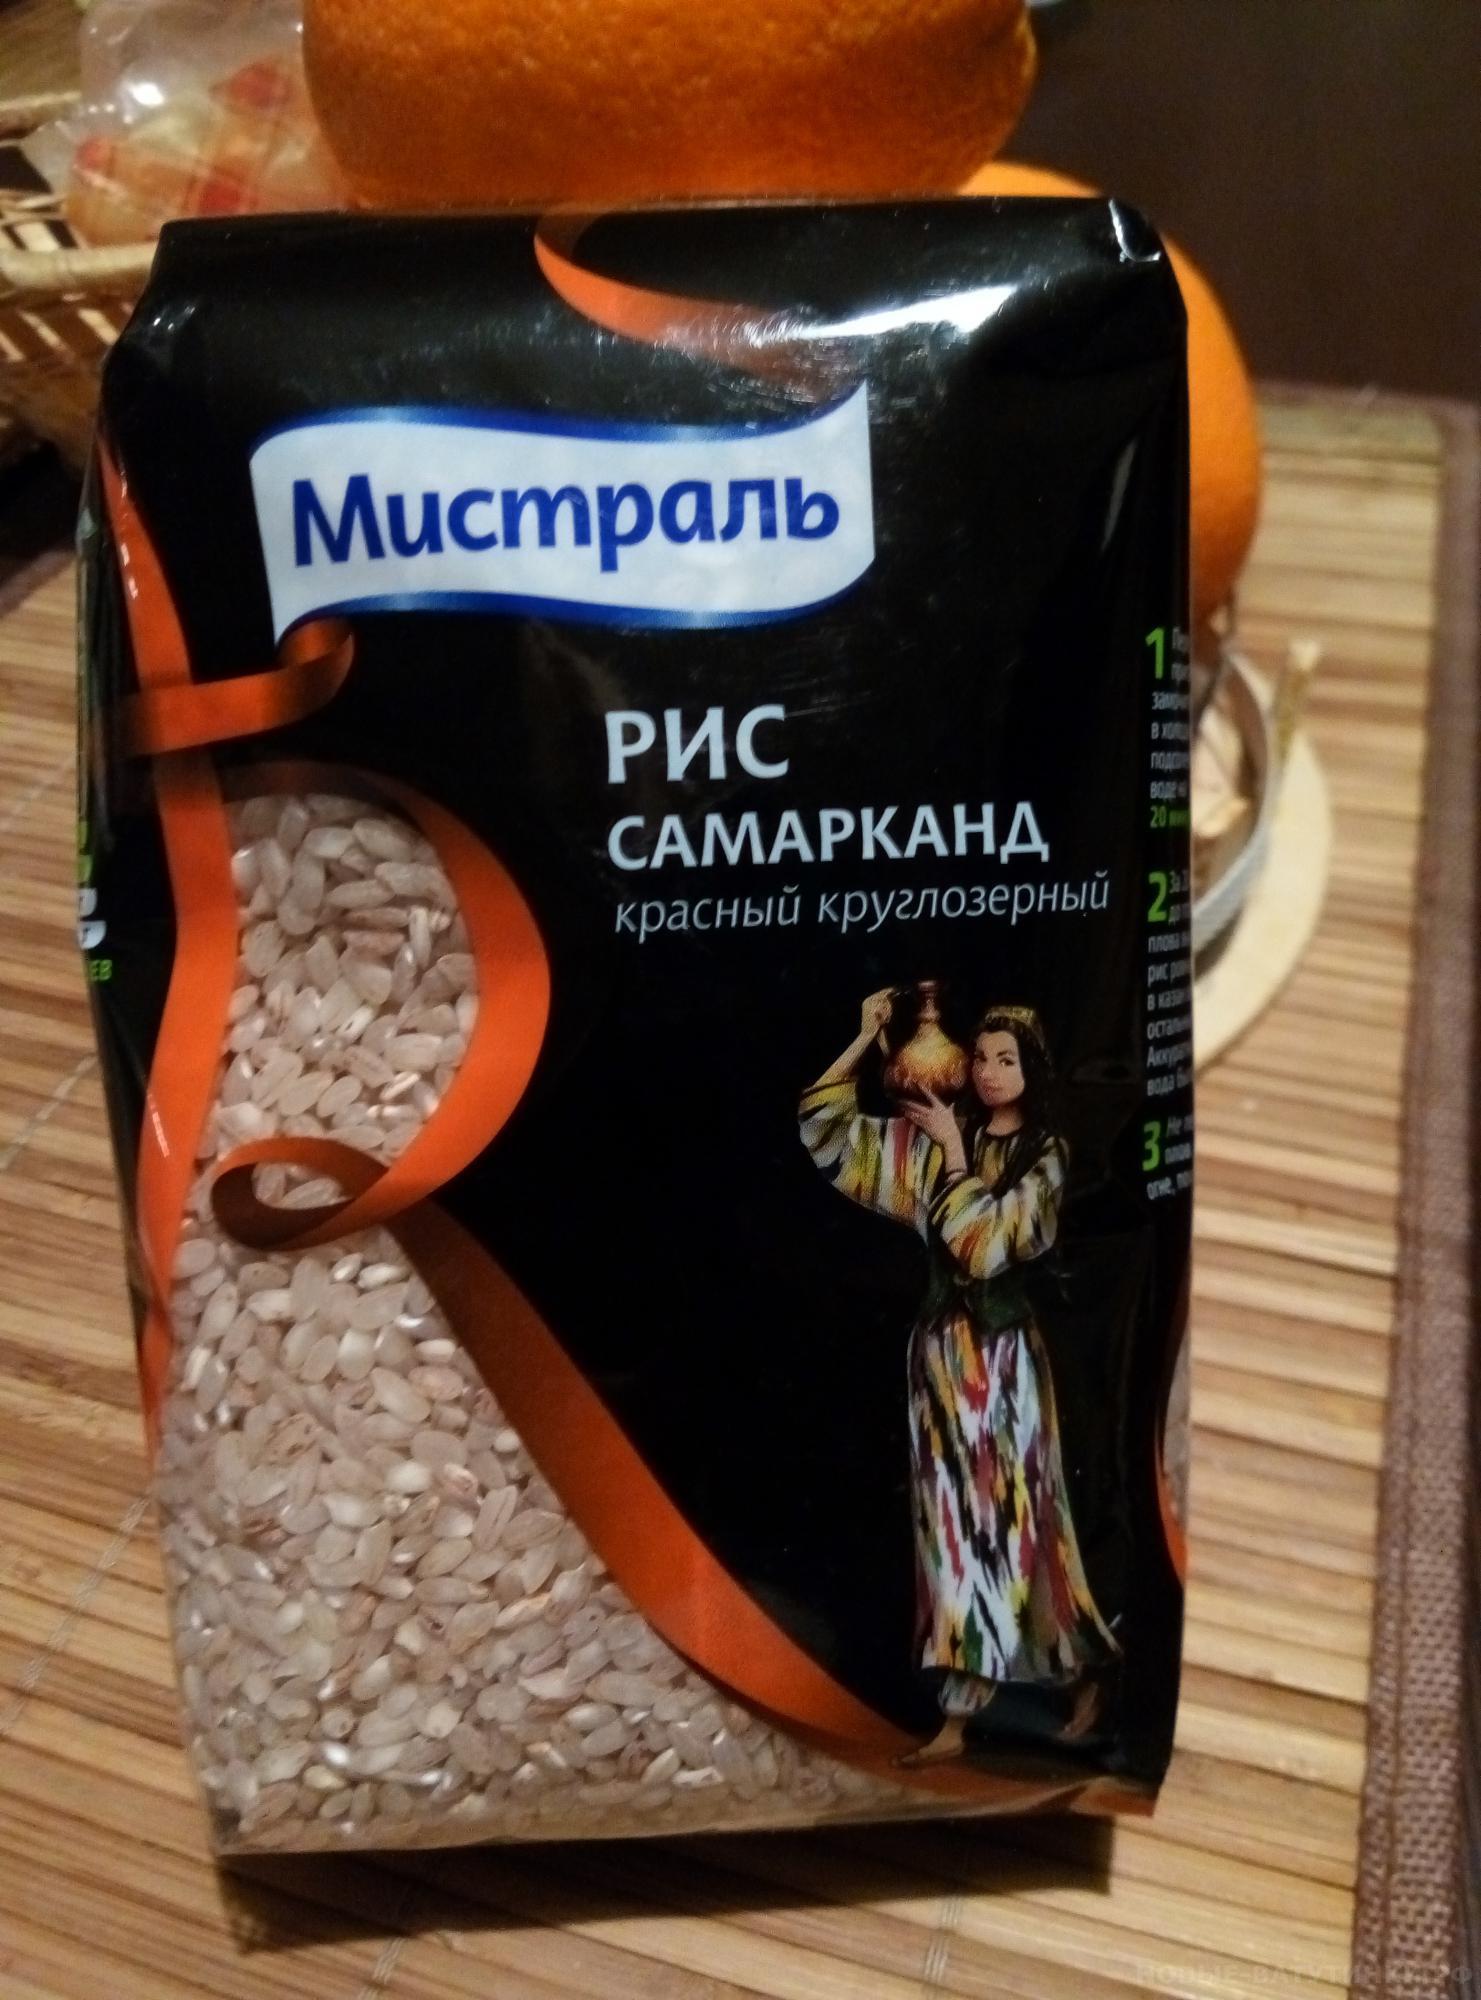 Рис самарканд мистраль рецепт